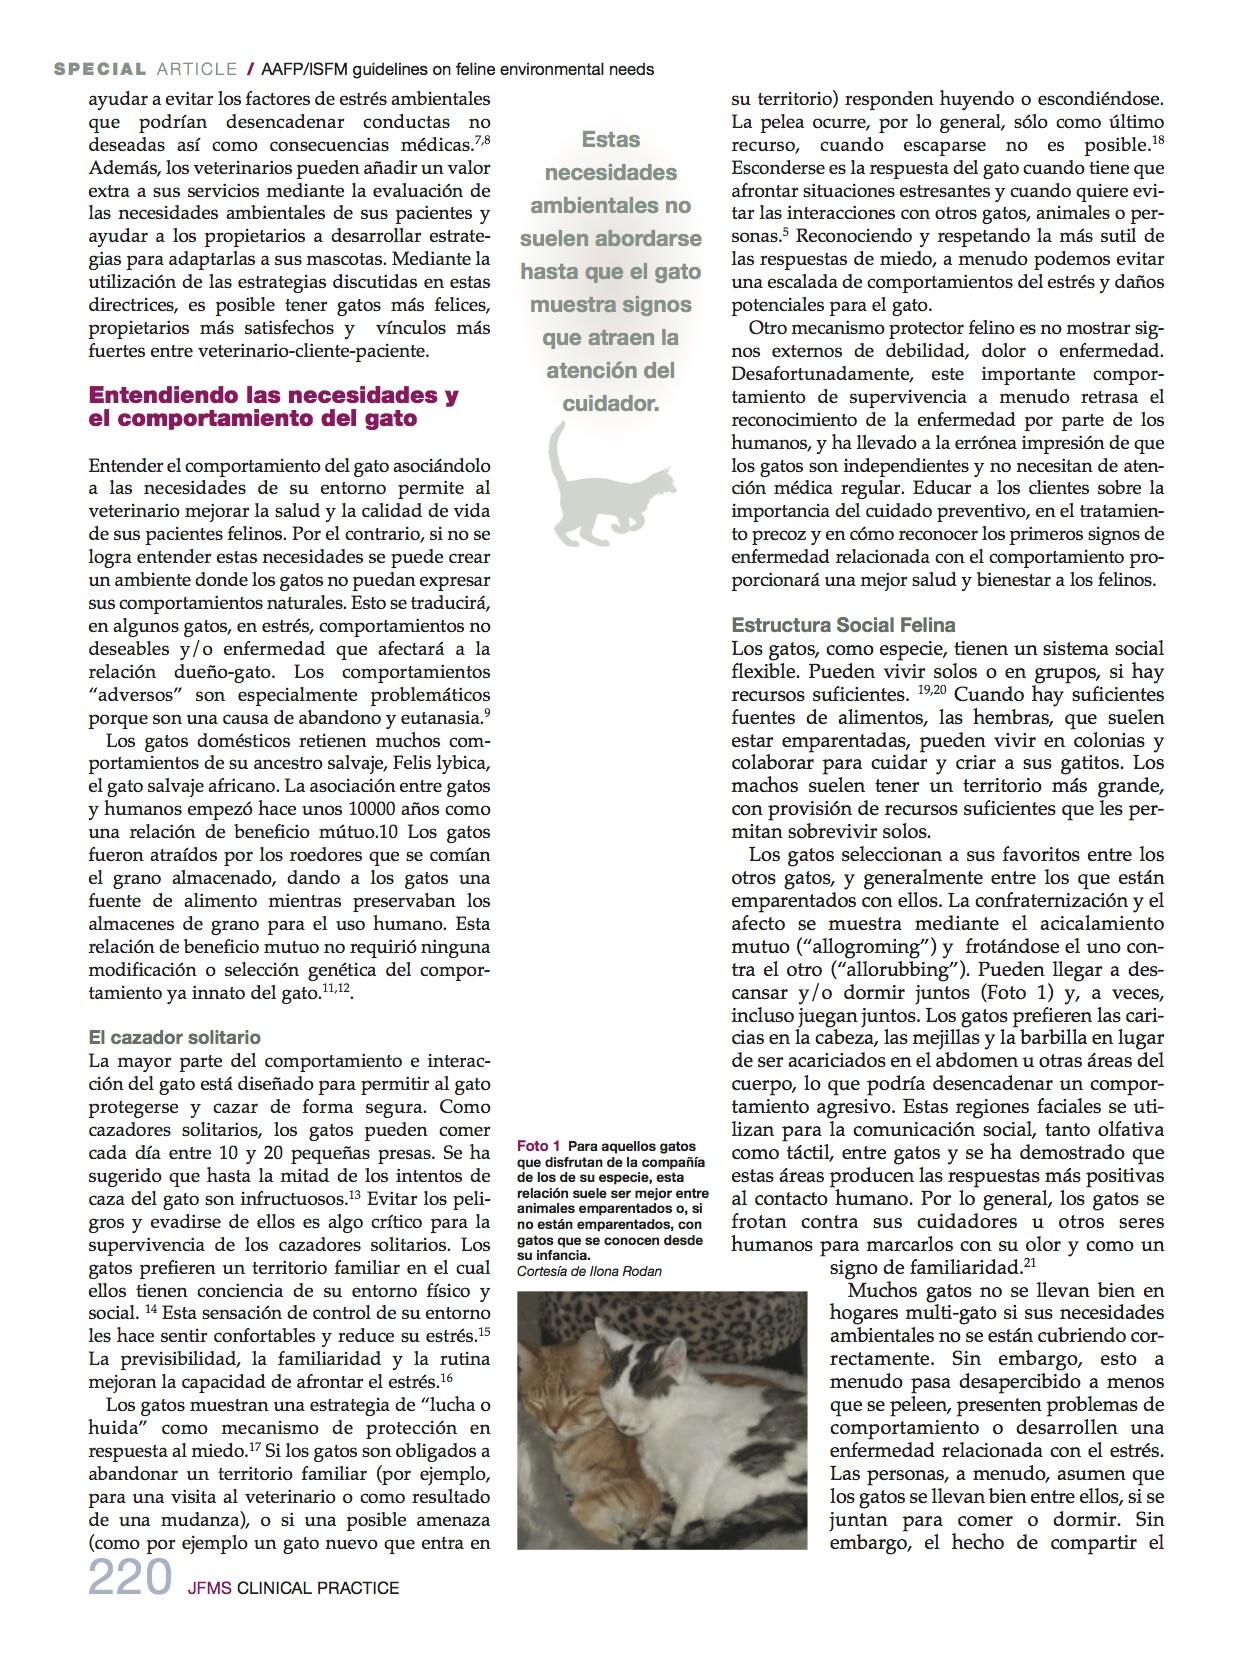 necesidades_medioambientales2_felinas